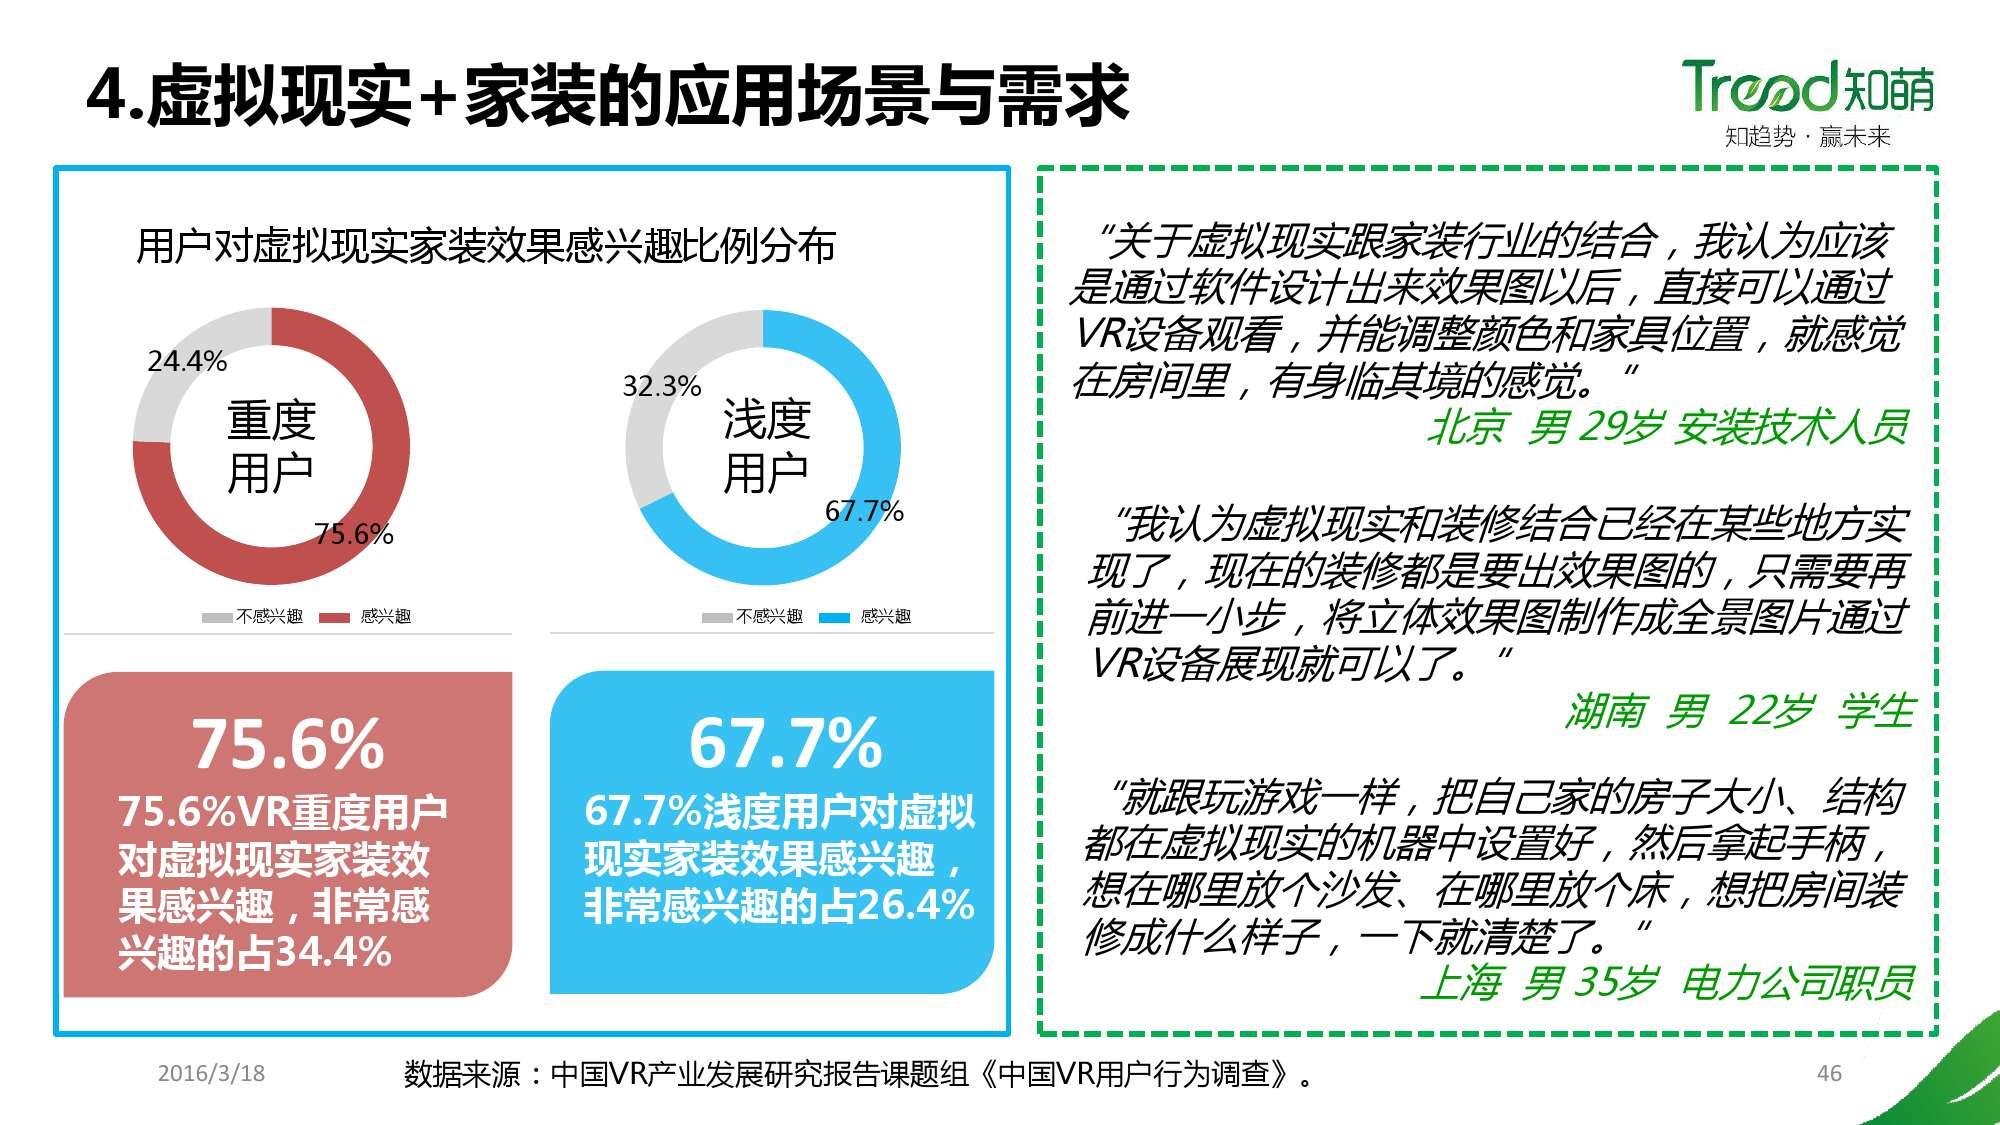 中国VR用户行为研究报告_000046